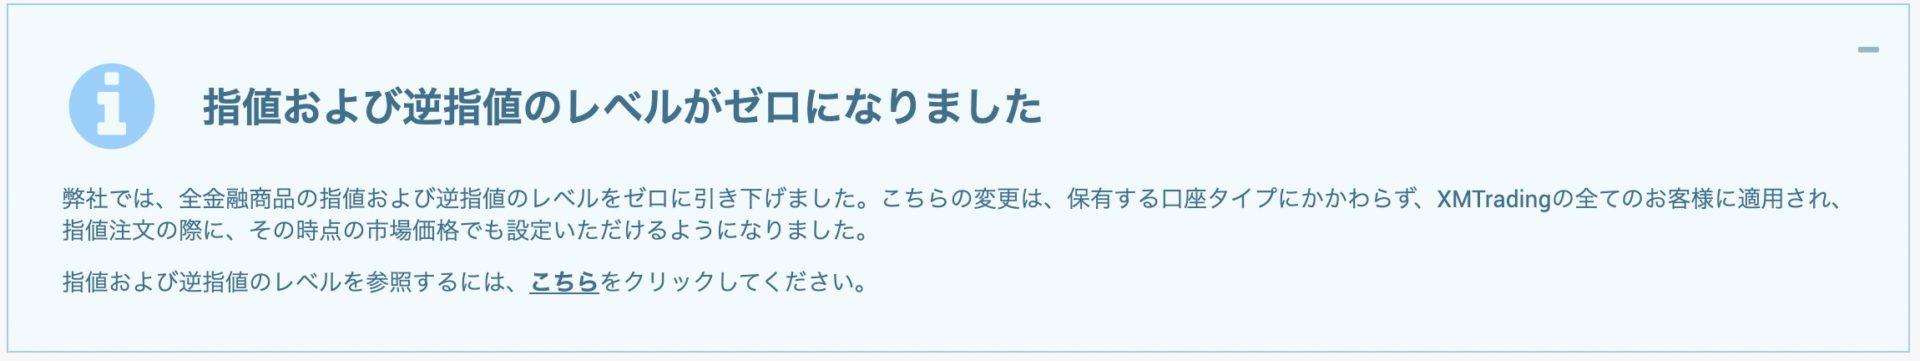 ストップレベル XM お知らせ